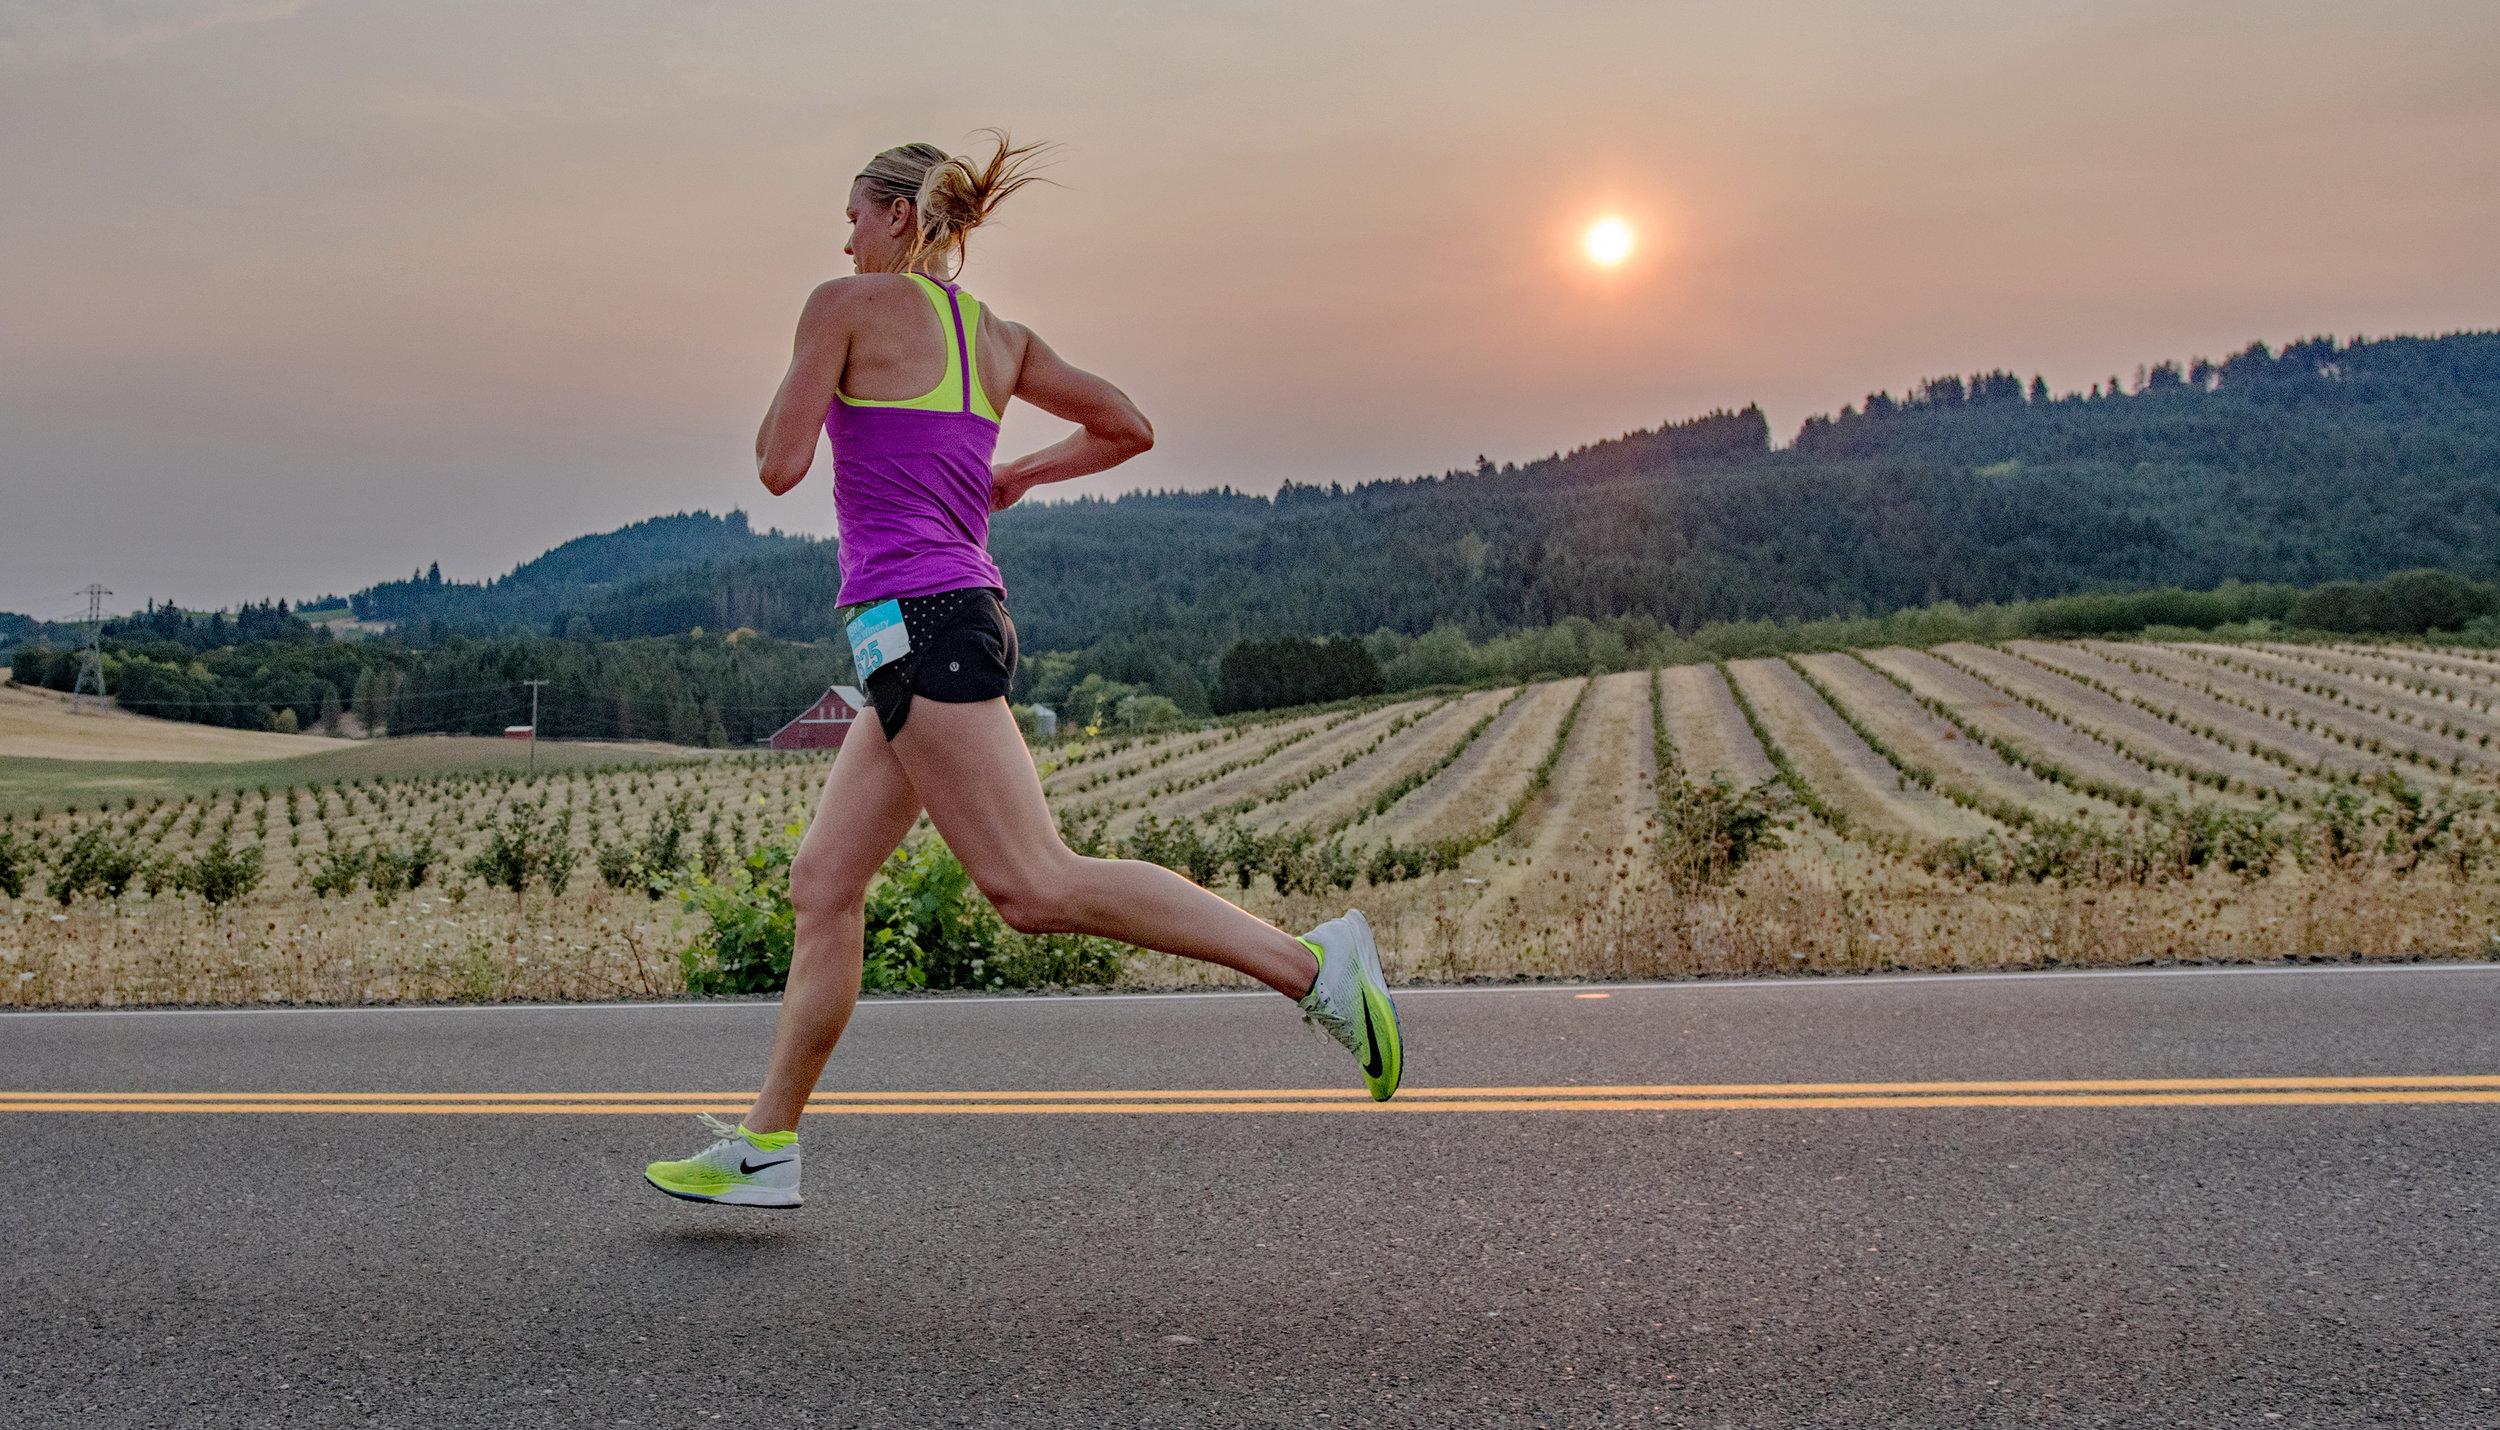 Glowing runner edit.jpg